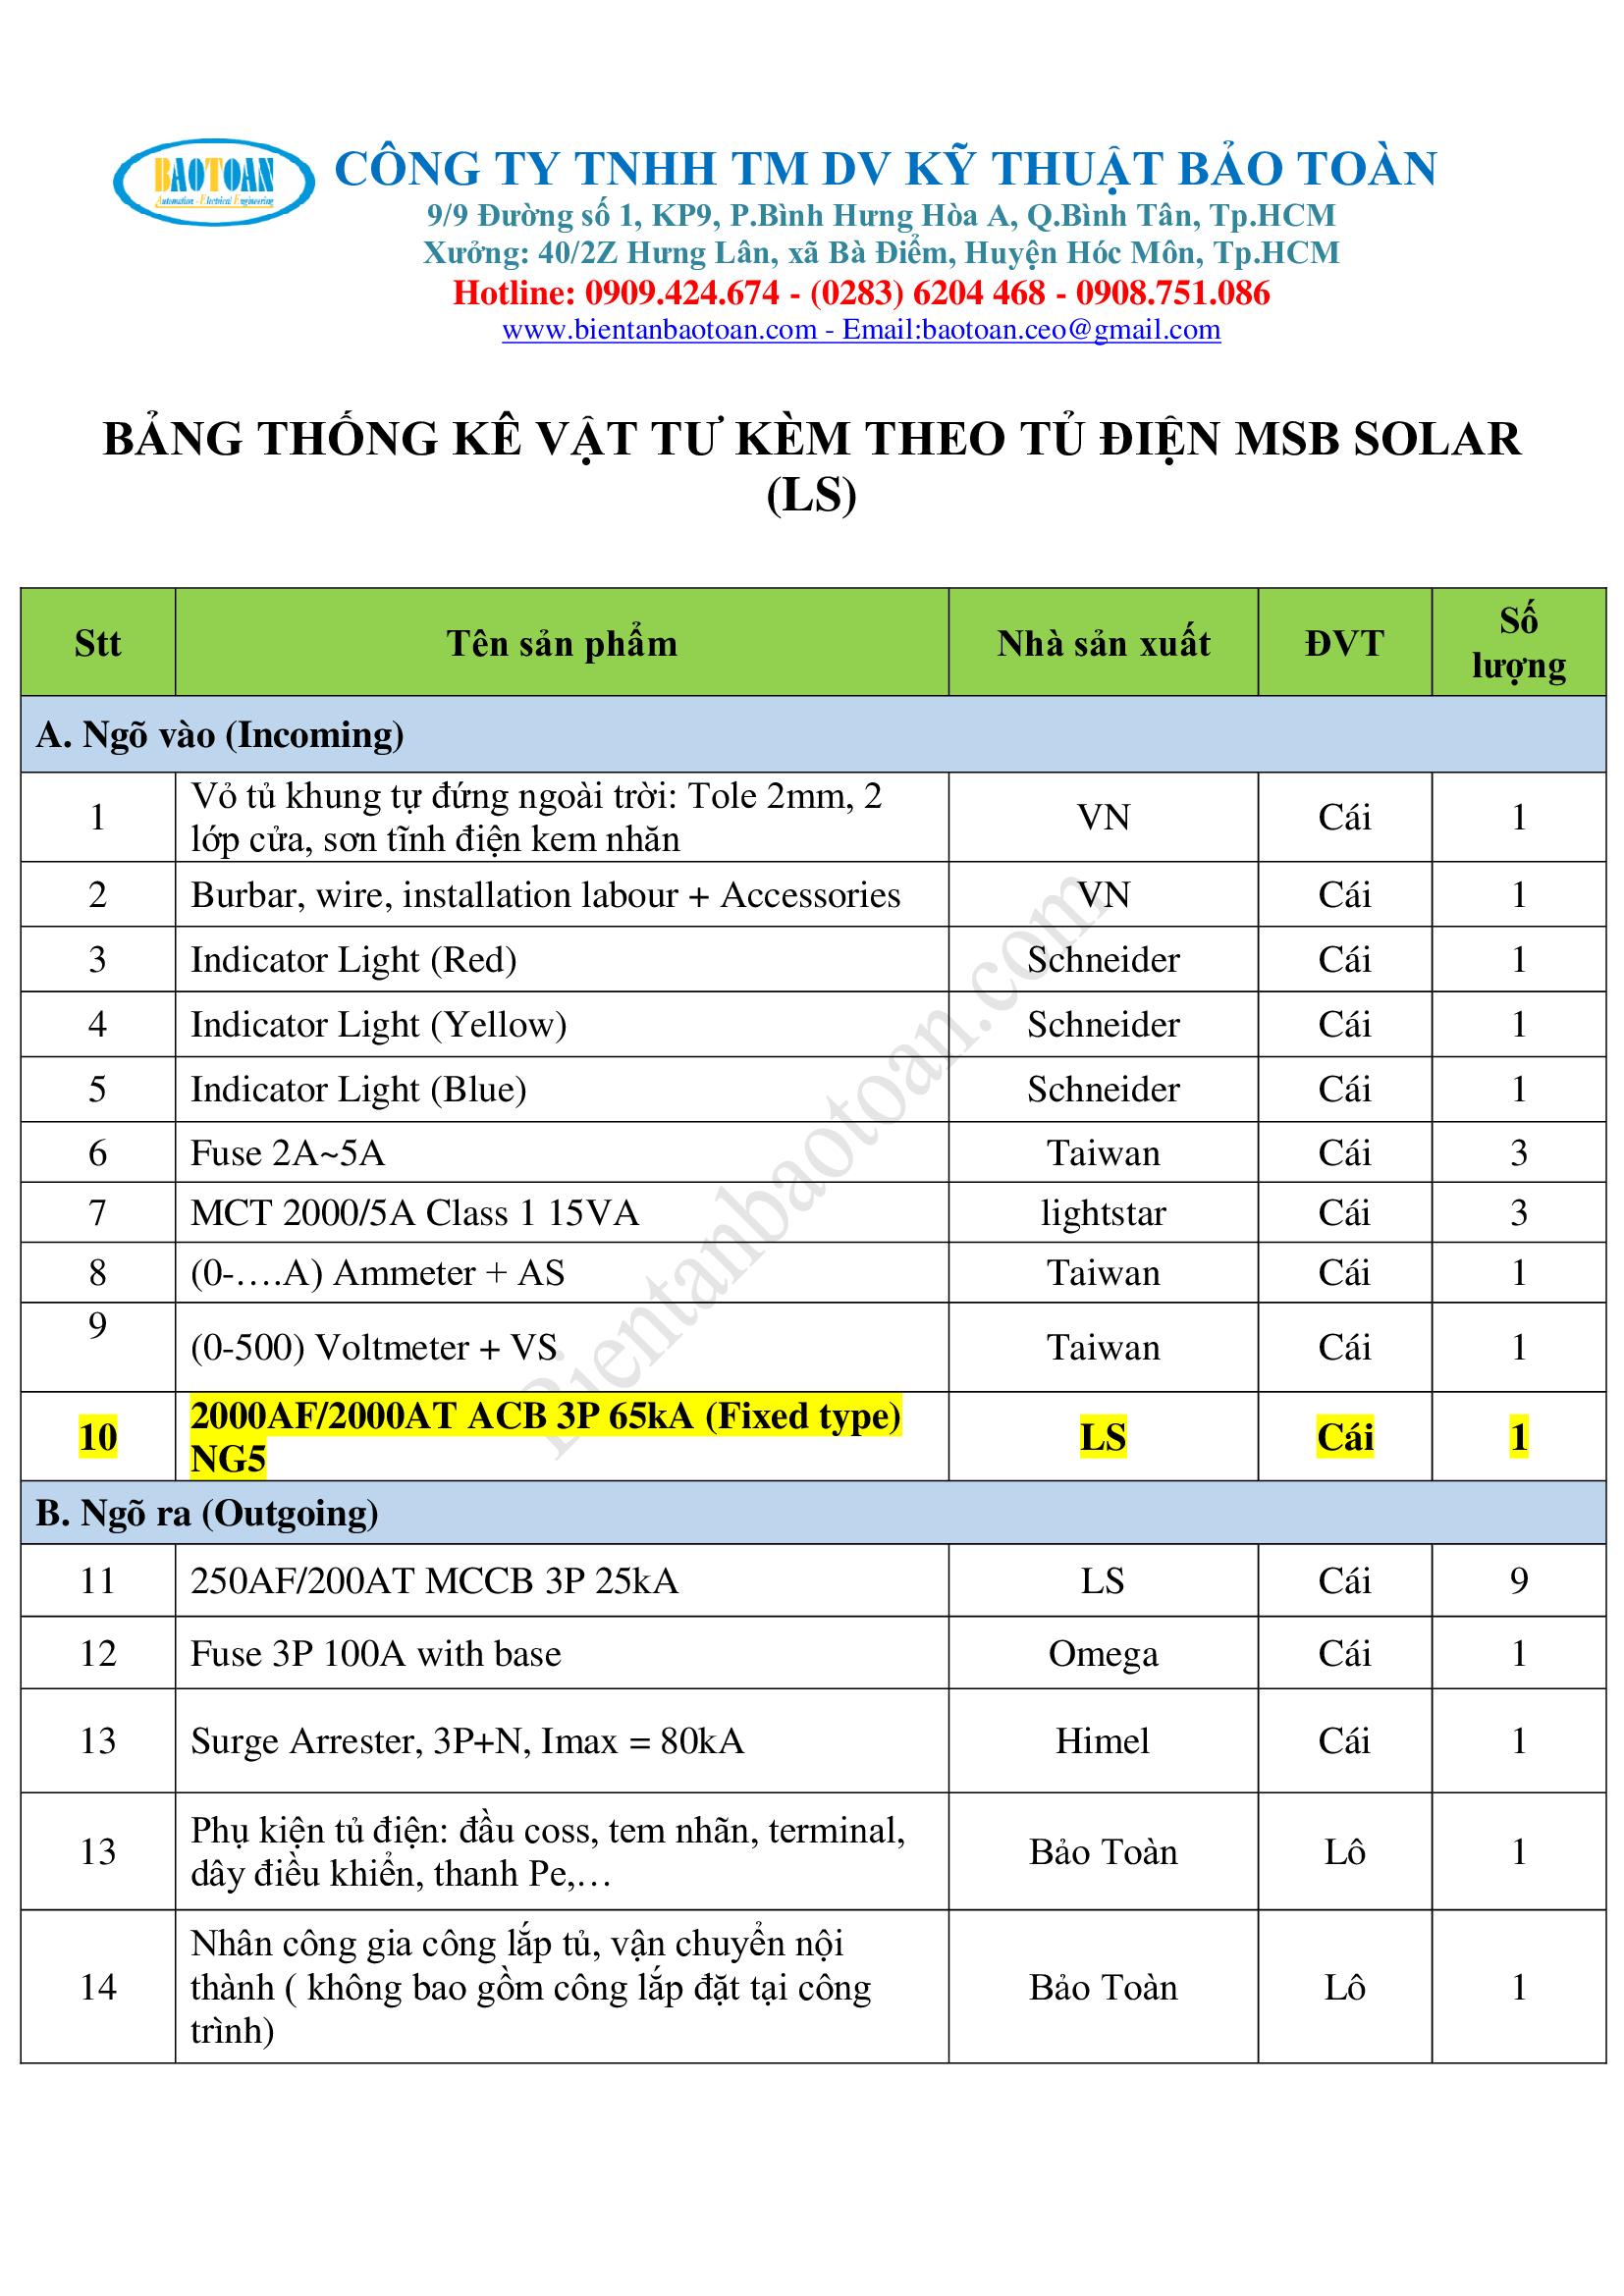 Bảng thống kê vật liệu kèm theo của Tủ điện AC Solar 1MWP (LS)